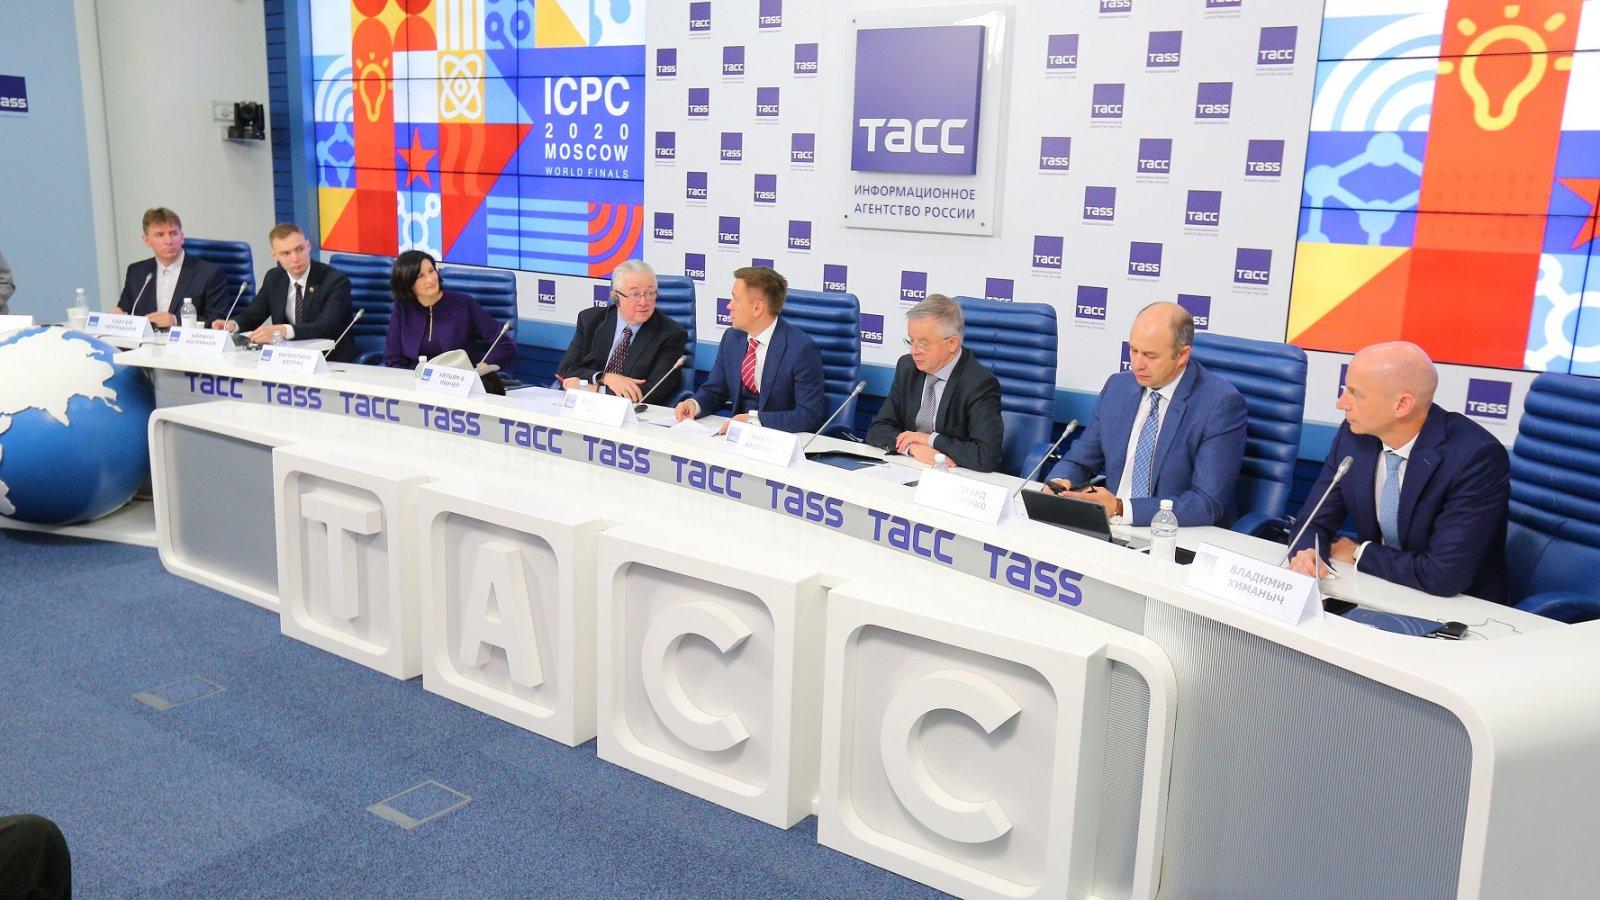 Москва впервые примет финал чемпионата мира по программированию ICPC